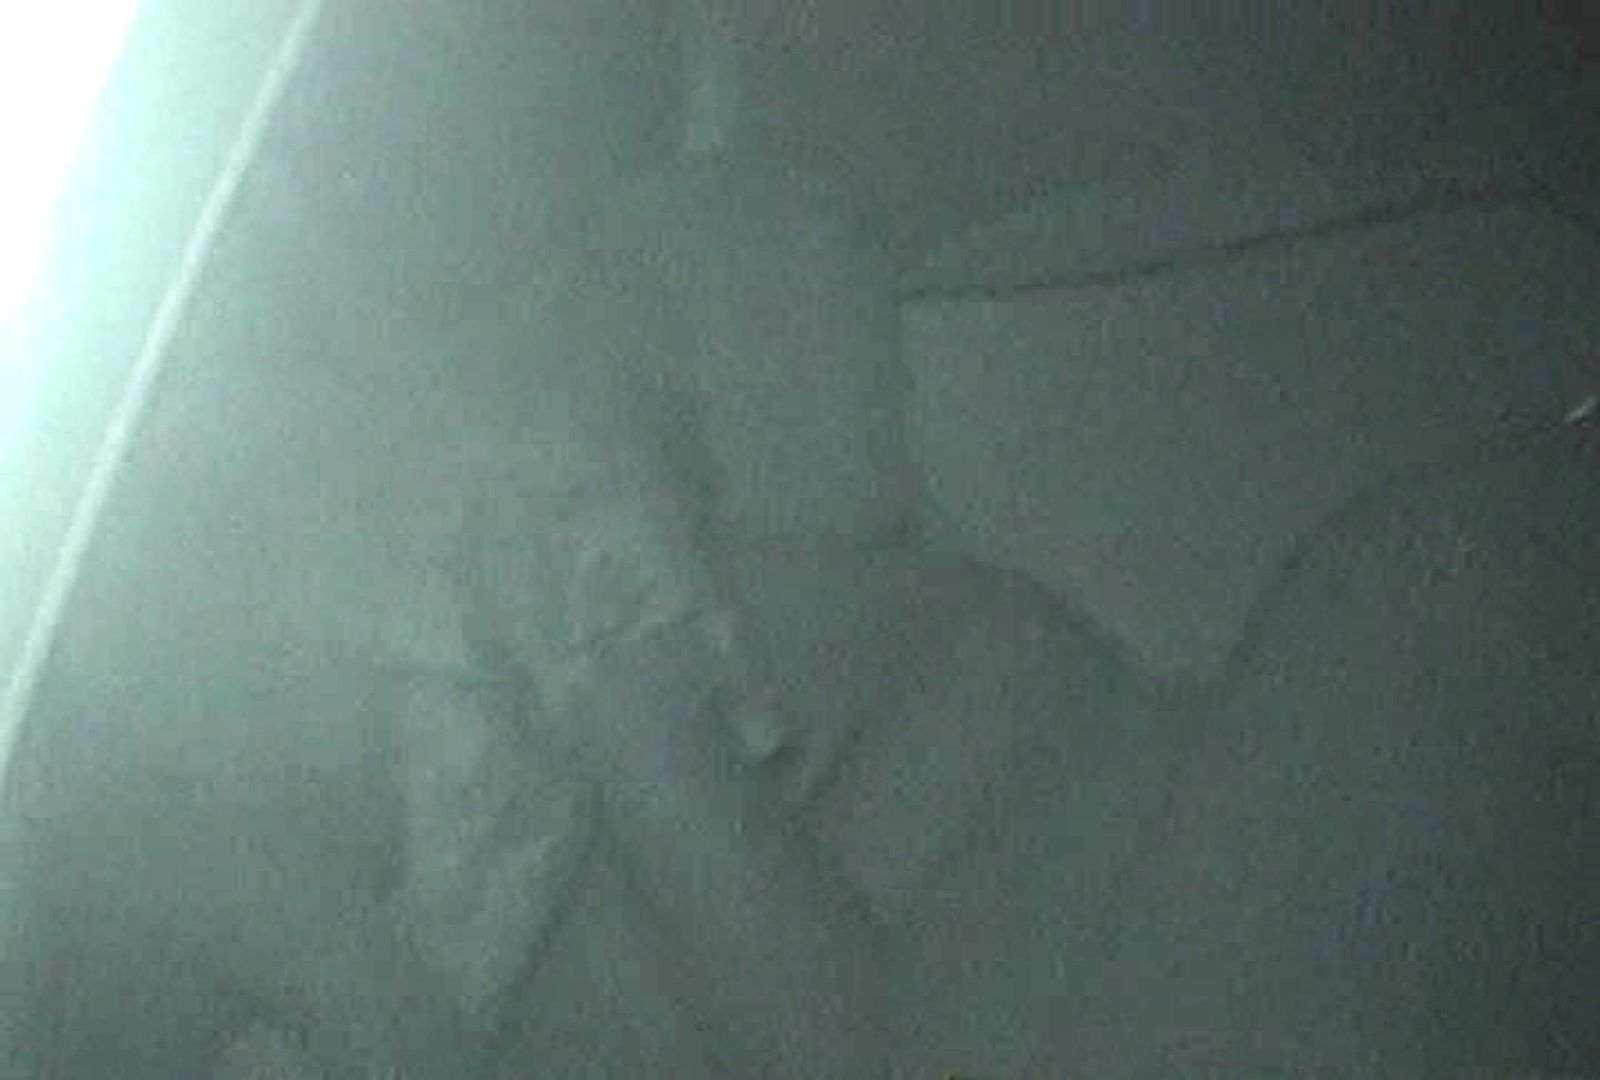 充血監督の深夜の運動会Vol.70 カップル セックス画像 75画像 74